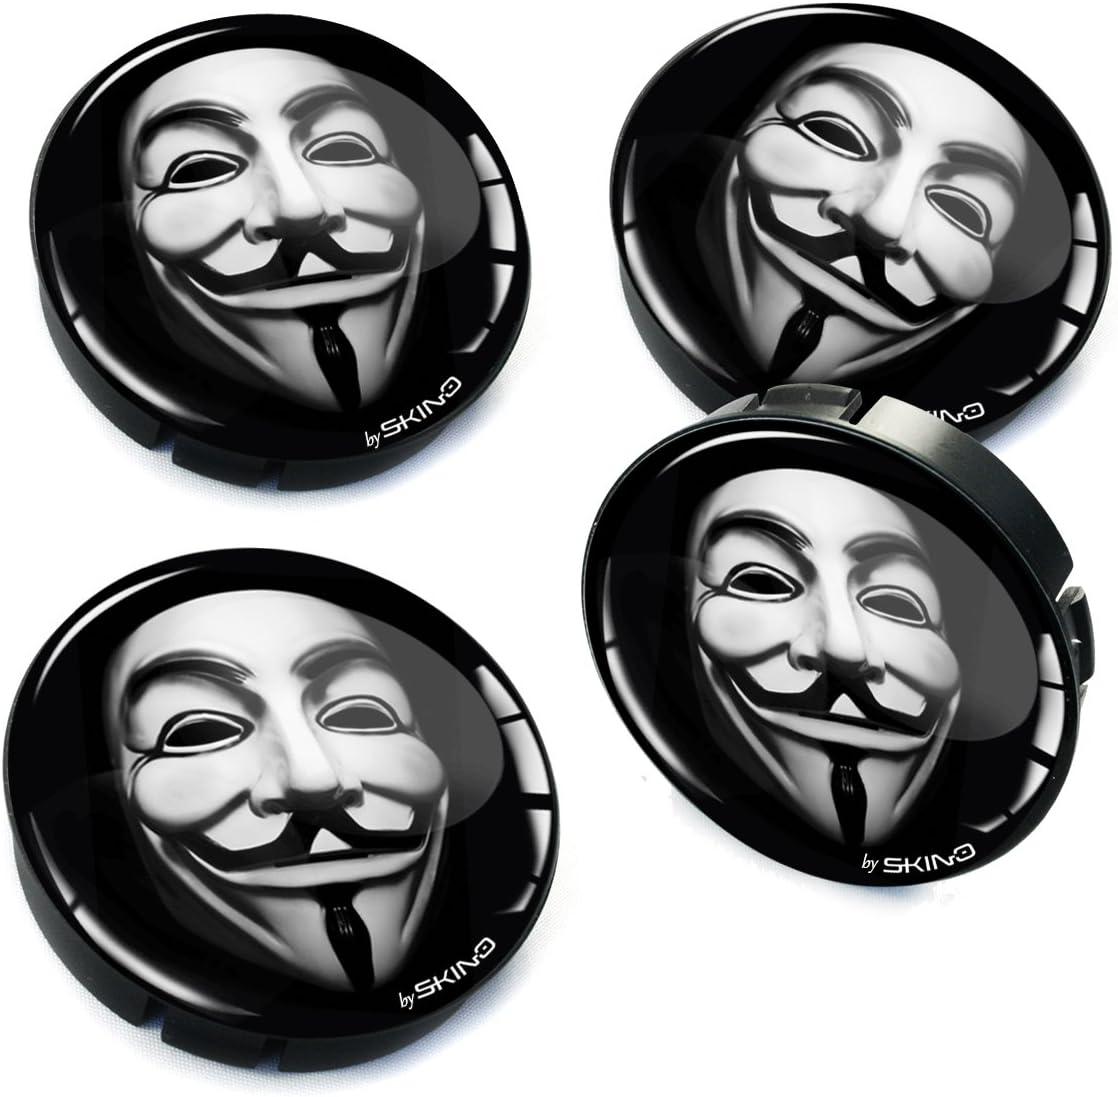 SkinoEu/® 4 x 60mm ABS Plastique 3D Gel Silicone Cache-Moyeu Capuchons de Centre Enjoliveurs de Roue Voiture Cache Moyeux Jante Universel Cache-Moyeux Anonyme Masque Anonymous Mask C 6